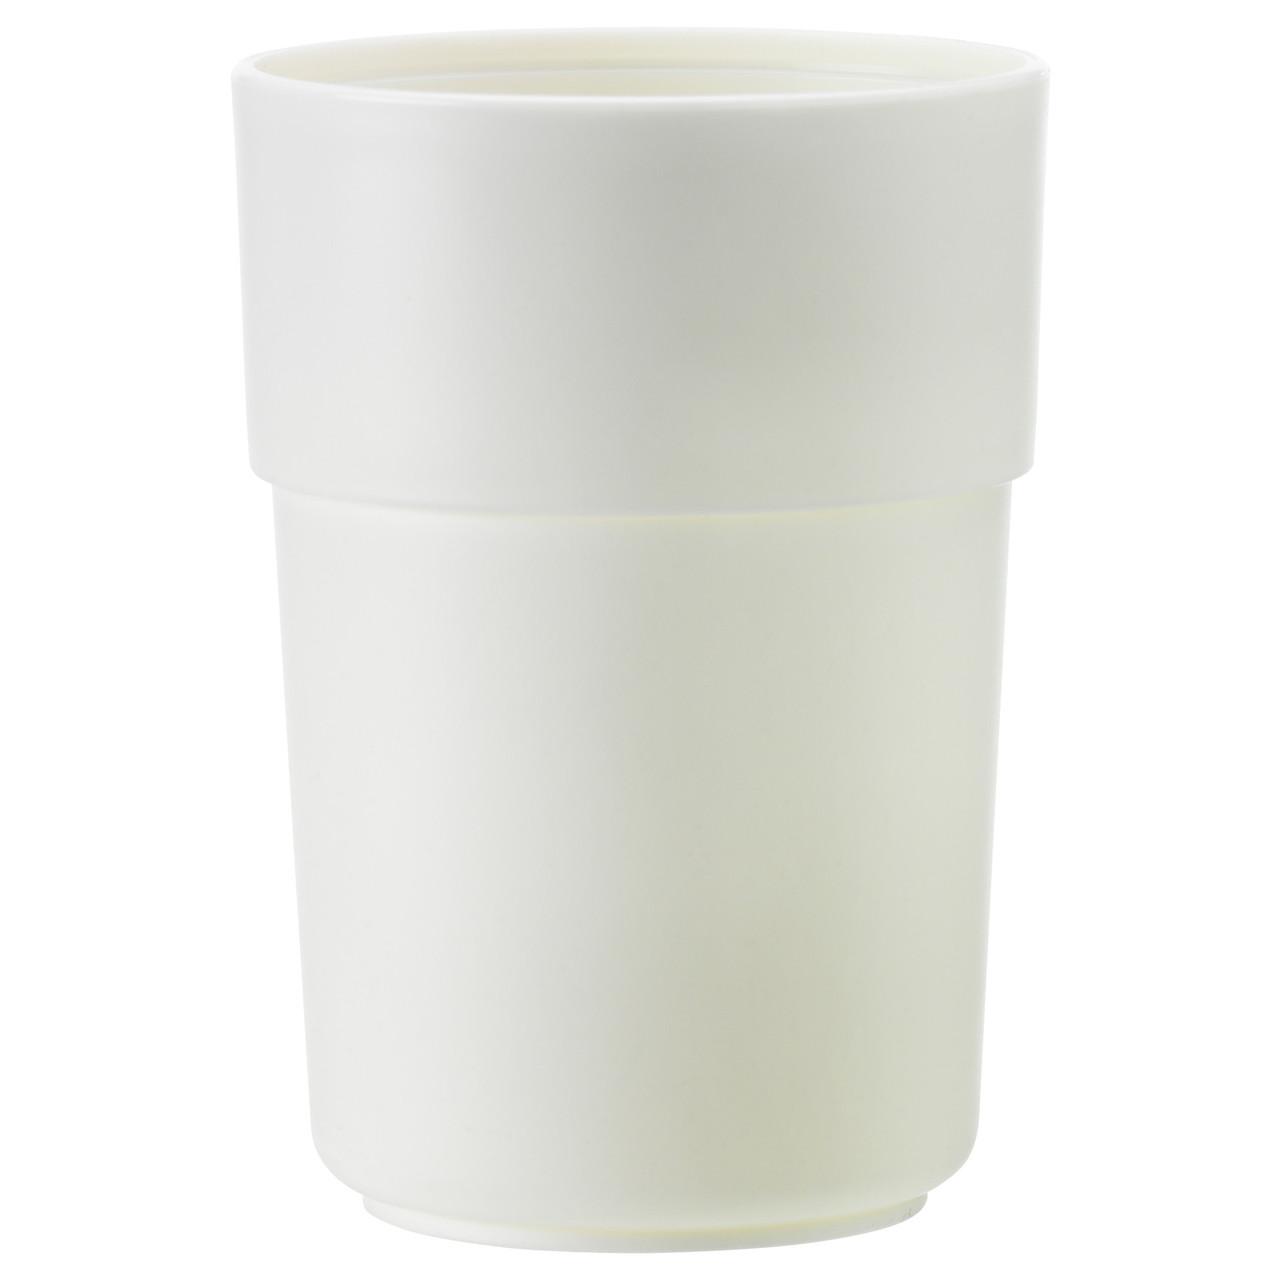 ЭНУДДЭН Стакан для зубных щеток, белый 00263812 ИКЕА, IKEA, ENUDDEN